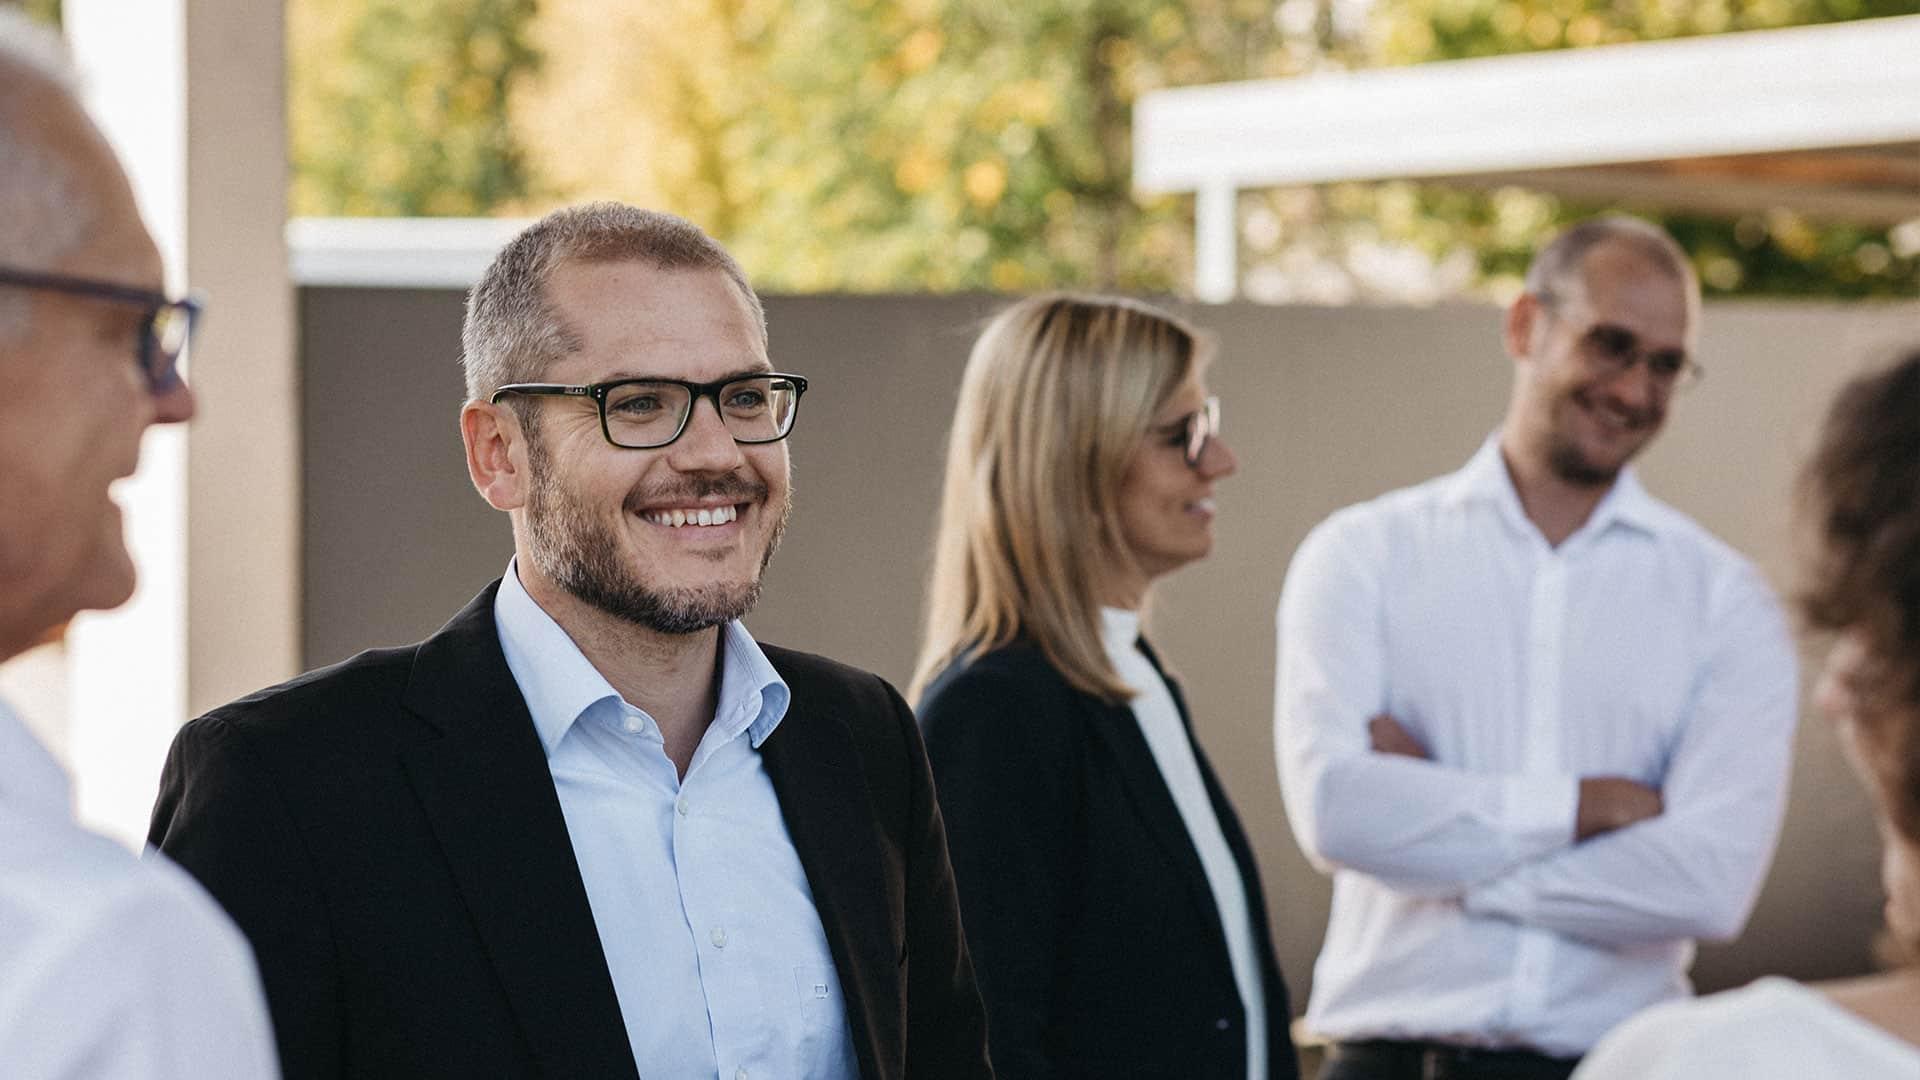 Kontakt Steuerberatung Steuerkanzlei Hansmann + Partner Haslach im Kinzigtal